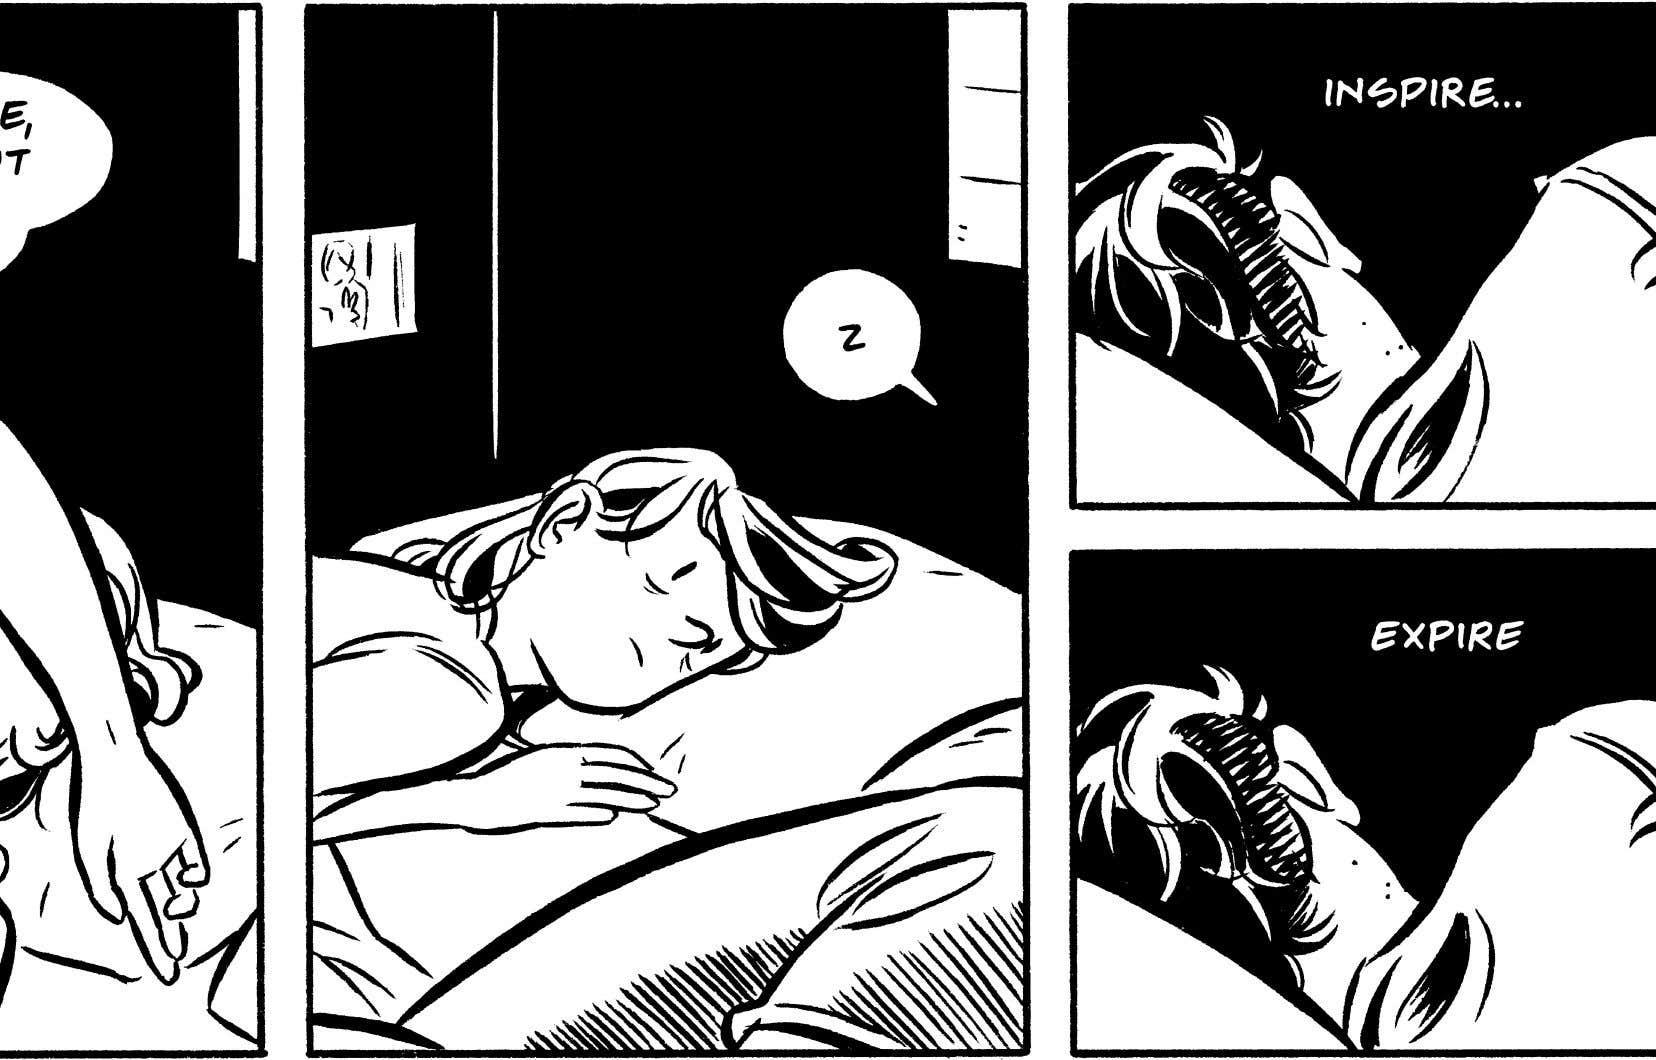 Le dessin de Hartley Lin, avec une ligne claire, nette et sans compromis, laisse assez de place au réalisme tout en permettant des expressions faciales aisément compréhensibles.